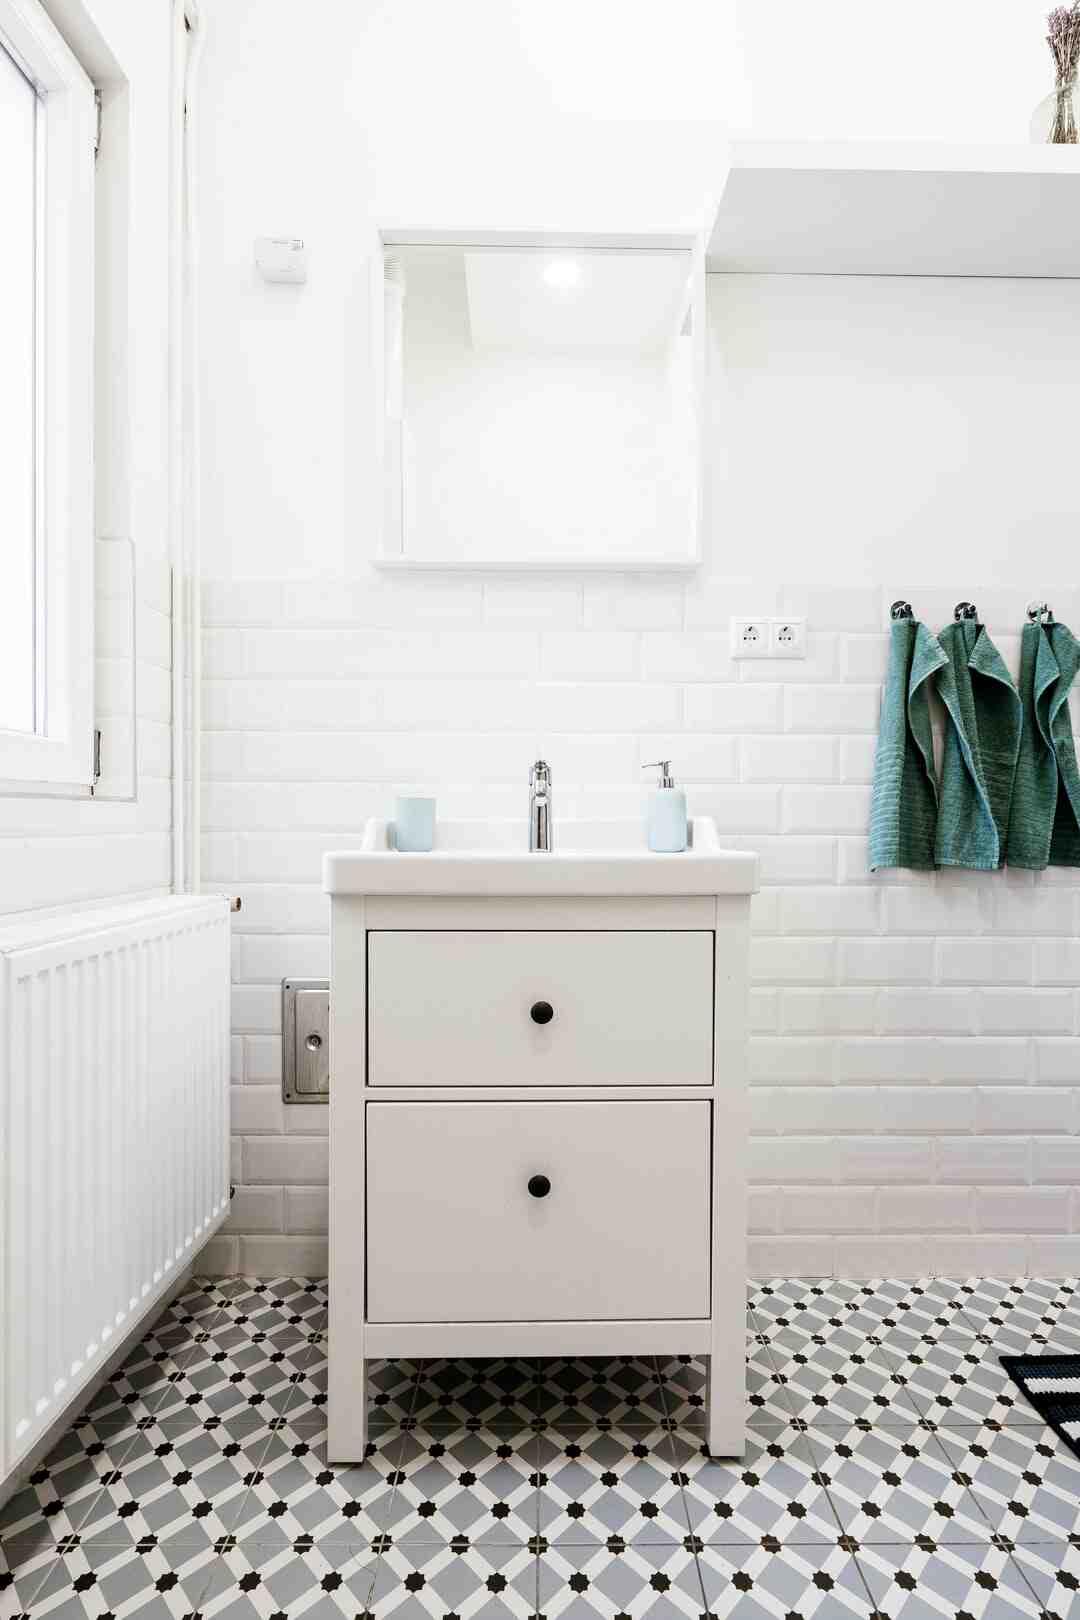 Comment recouvrir carrelage salle de bain